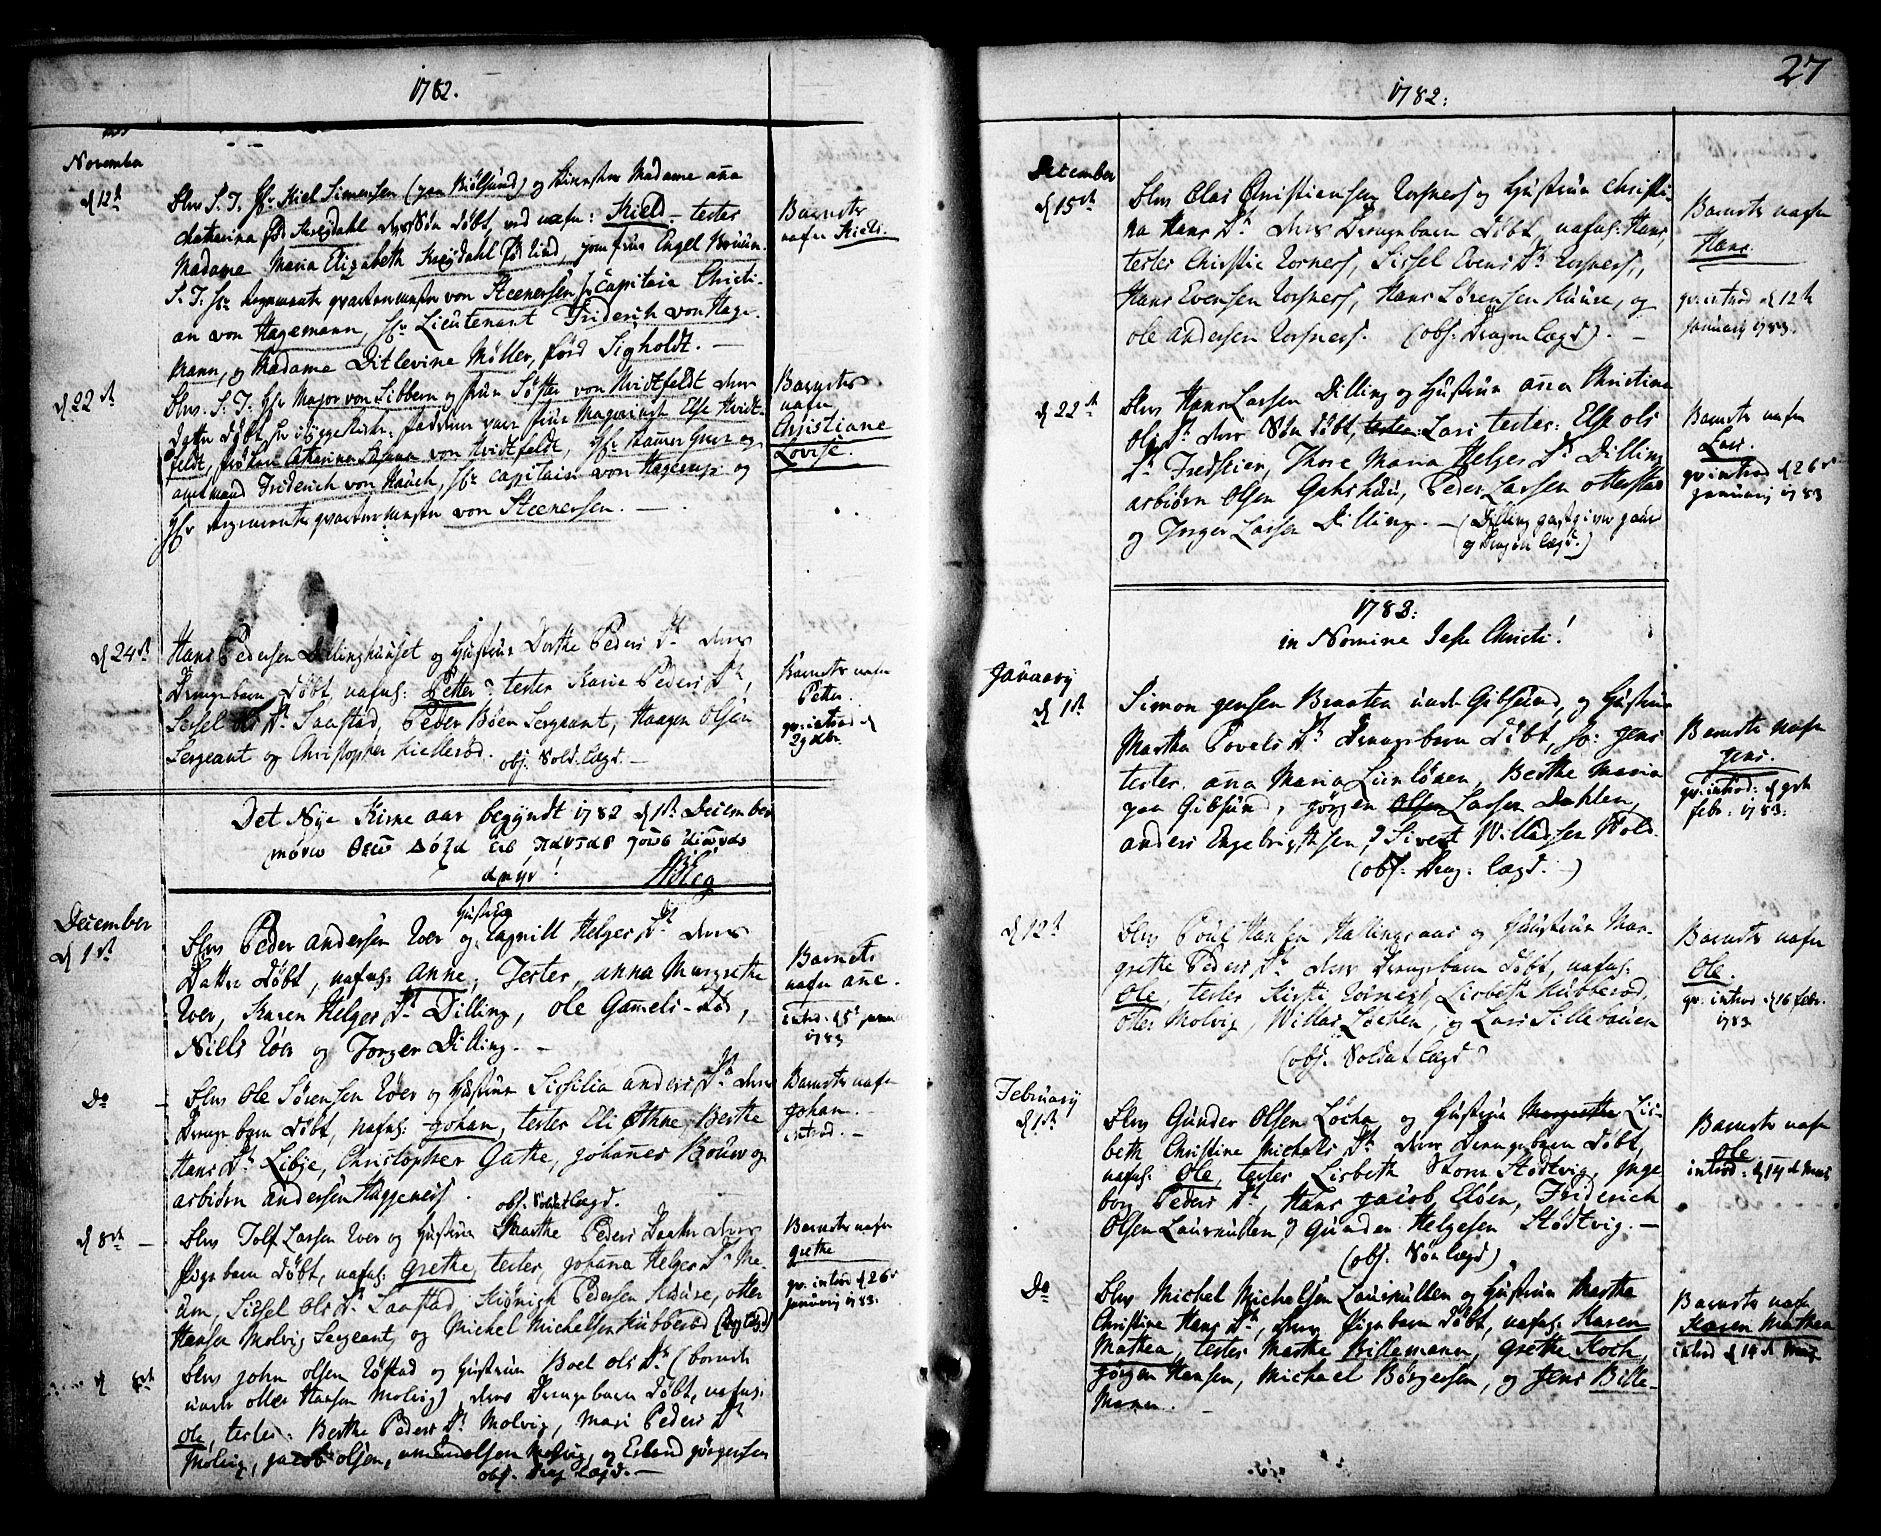 SAO, Rygge prestekontor Kirkebøker, F/Fa/L0002: Ministerialbok nr. 2, 1771-1814, s. 27